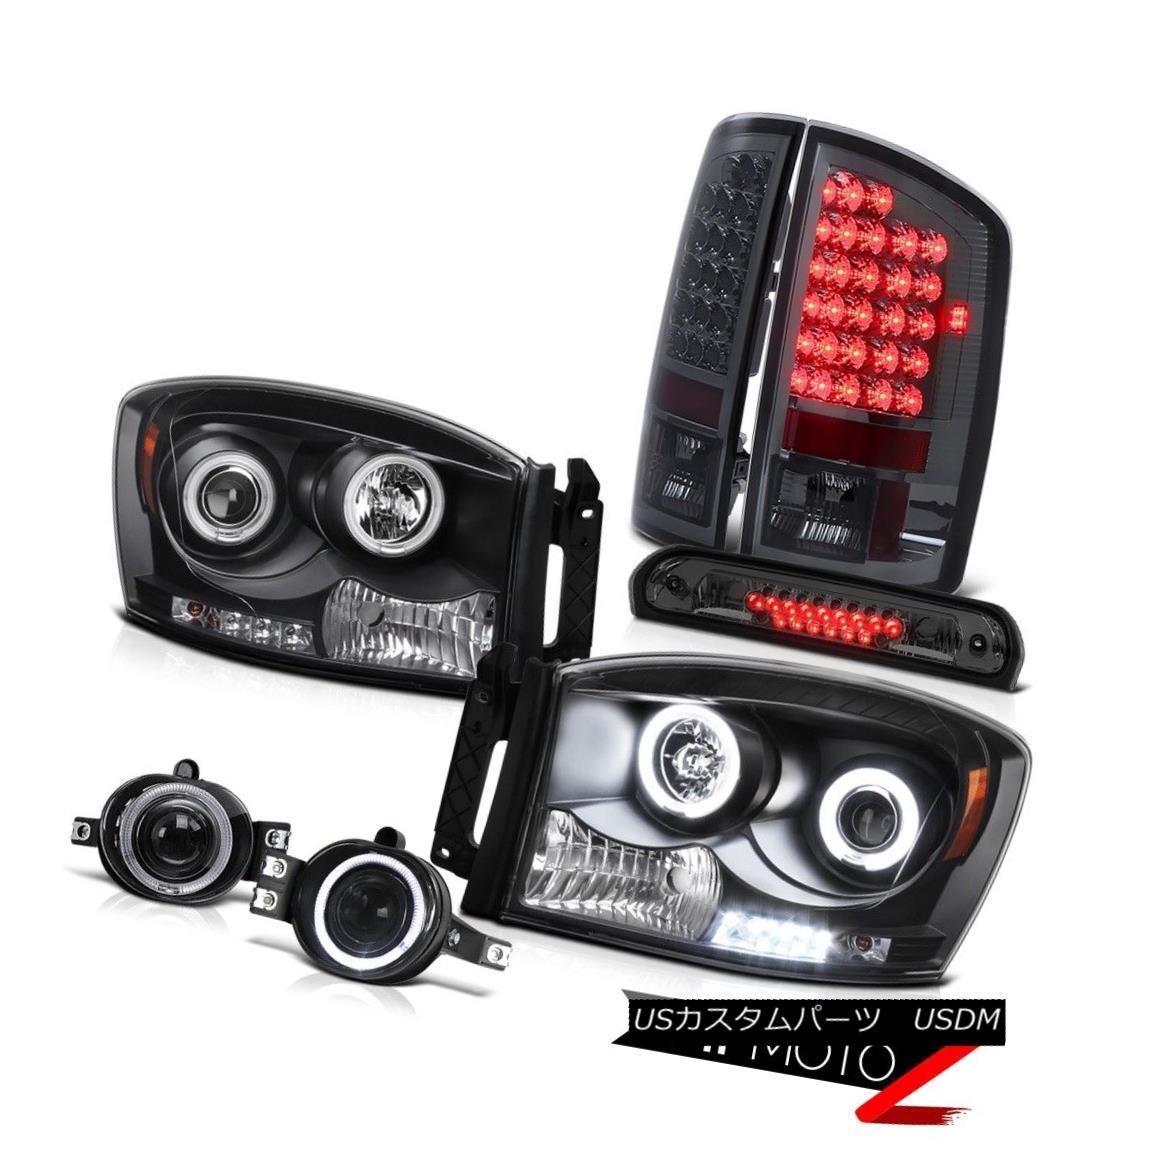 ヘッドライト 2007-2008 Ram Hemi CCFL Halo Headlights LED Tail Light Projector Fog Brake Cargo 2007-2008年Ram Hemi CCFL HaloヘッドライトLEDテールライトプロジェクターフォグブレーキカーゴ